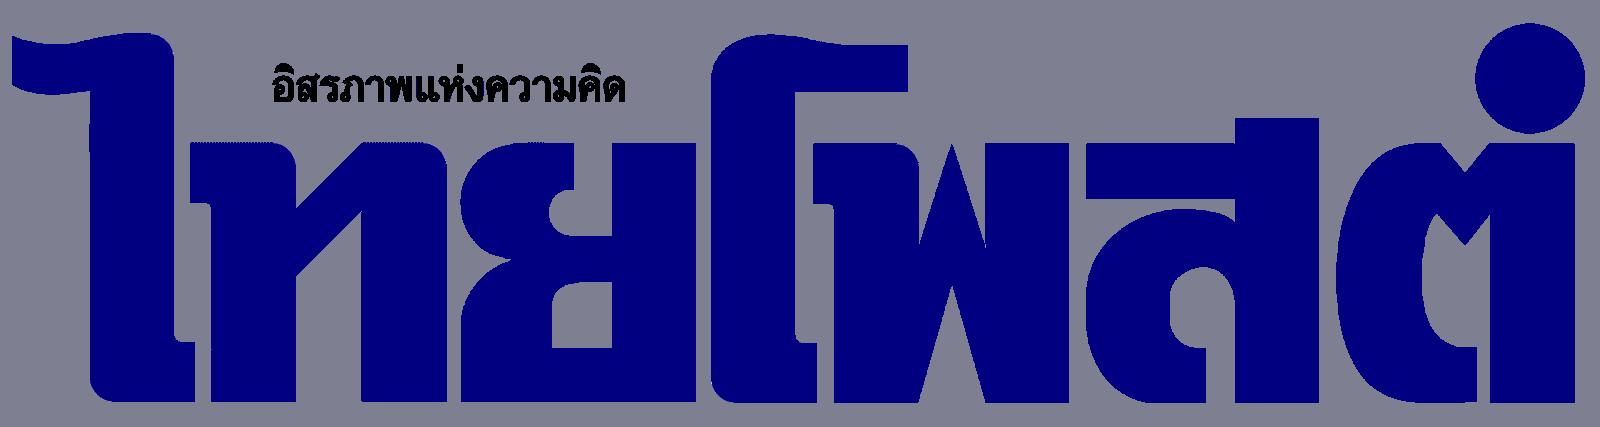 ThaiPost_Logo